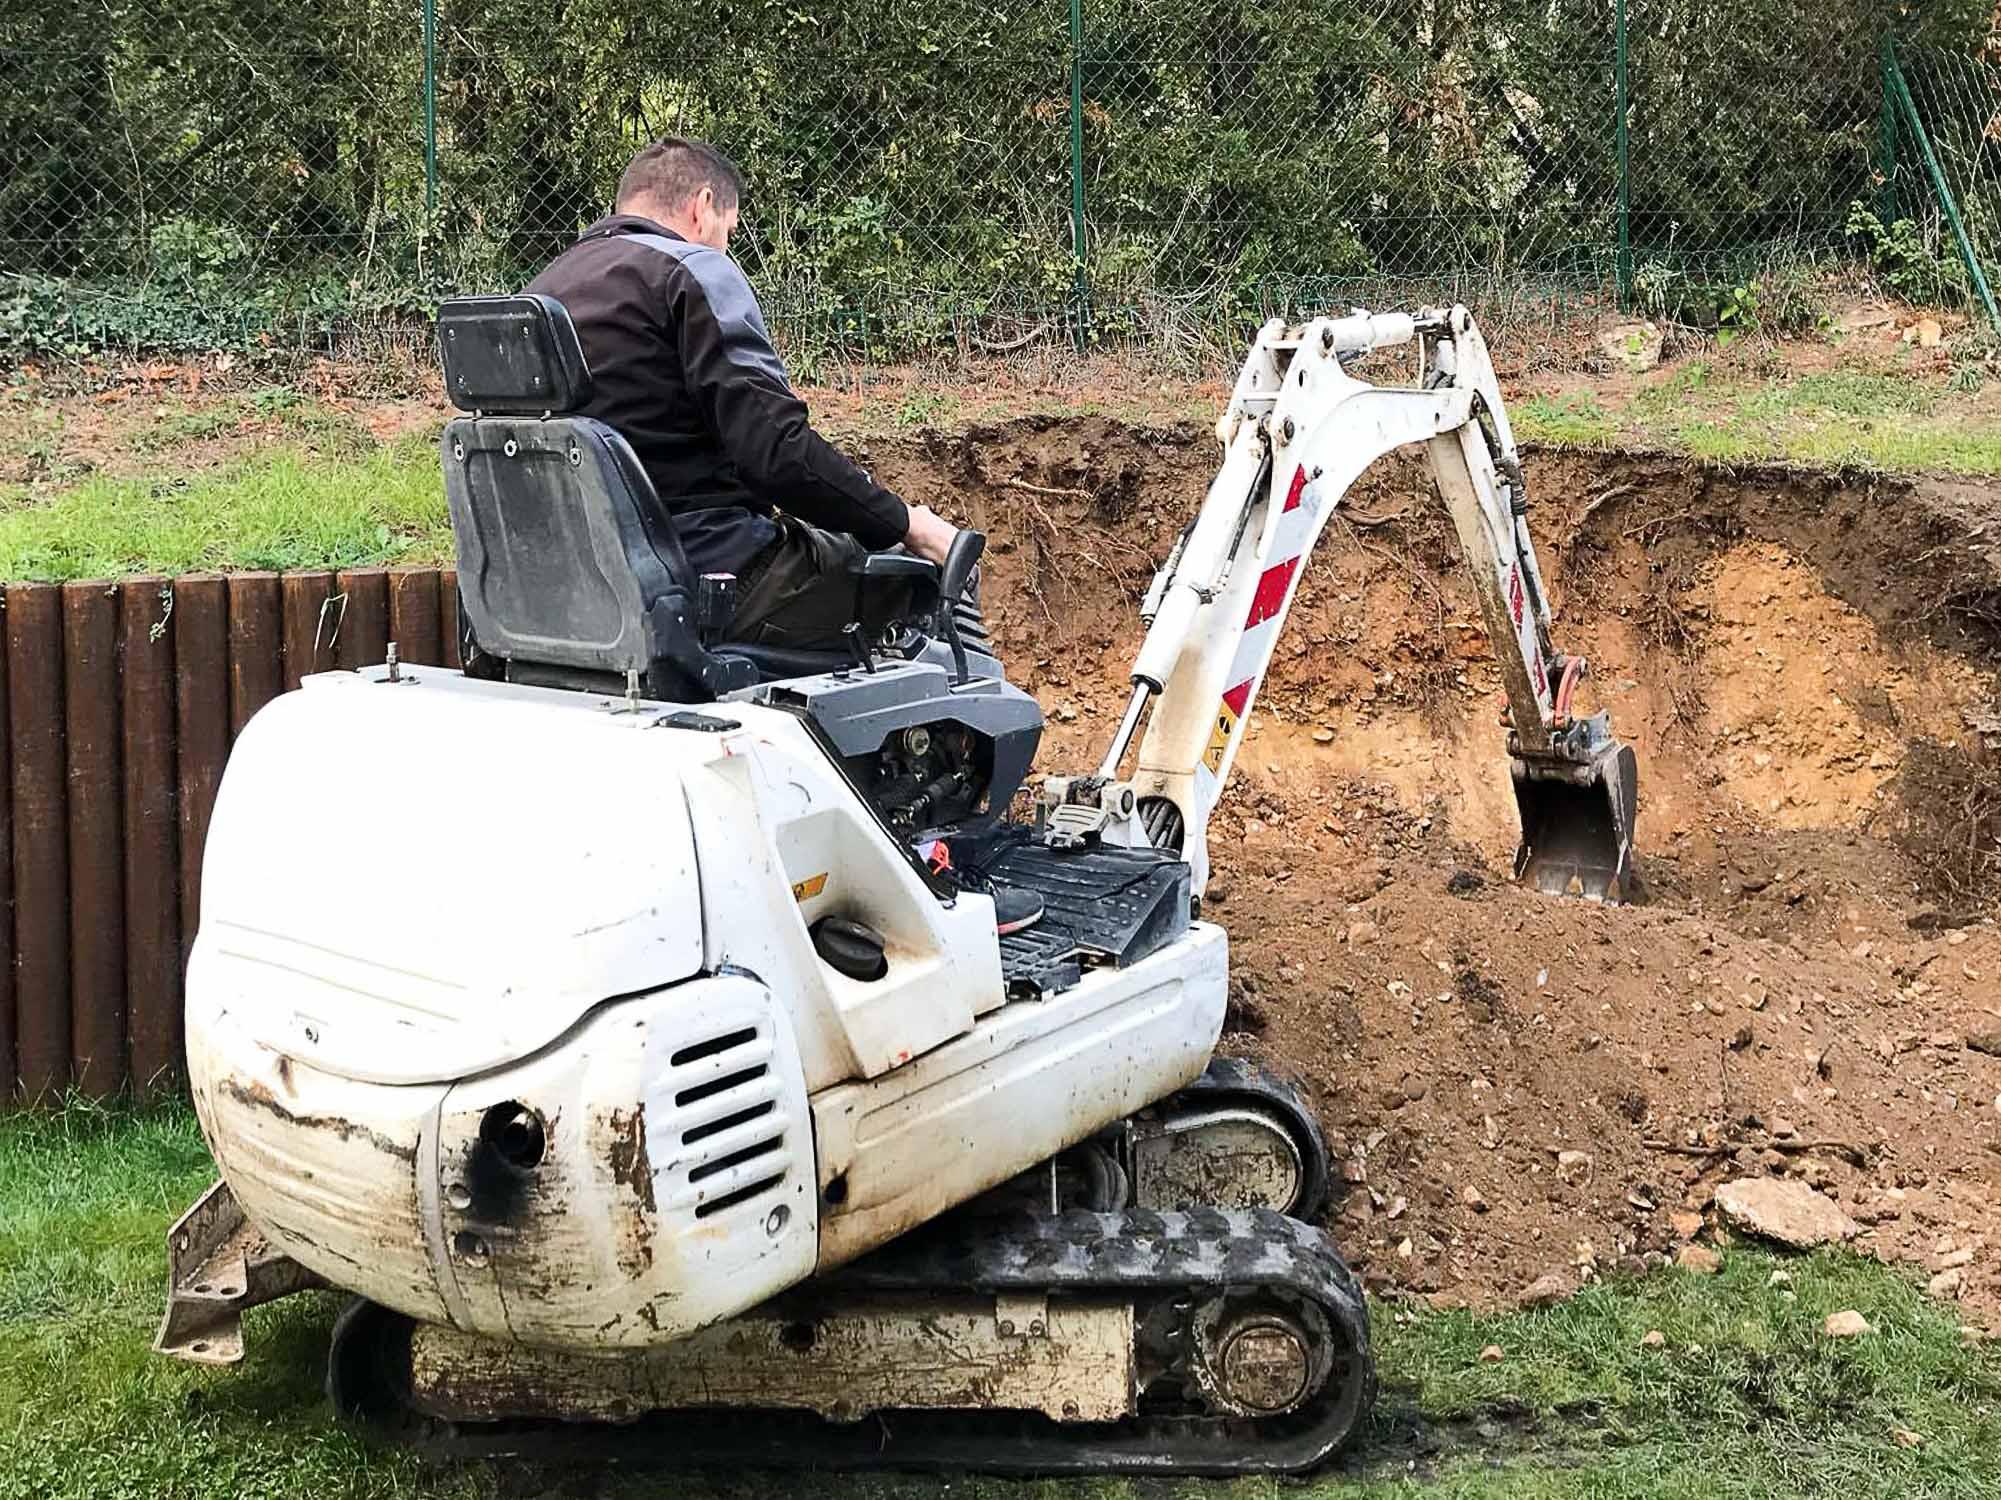 Actuellement en cours de réalisation, une excavation sur un terrain en pente avec un tracto-pelle ... à Carrières-sous-Poissy par l'entreprise de Maçonnerie et Terrassement Dorkel